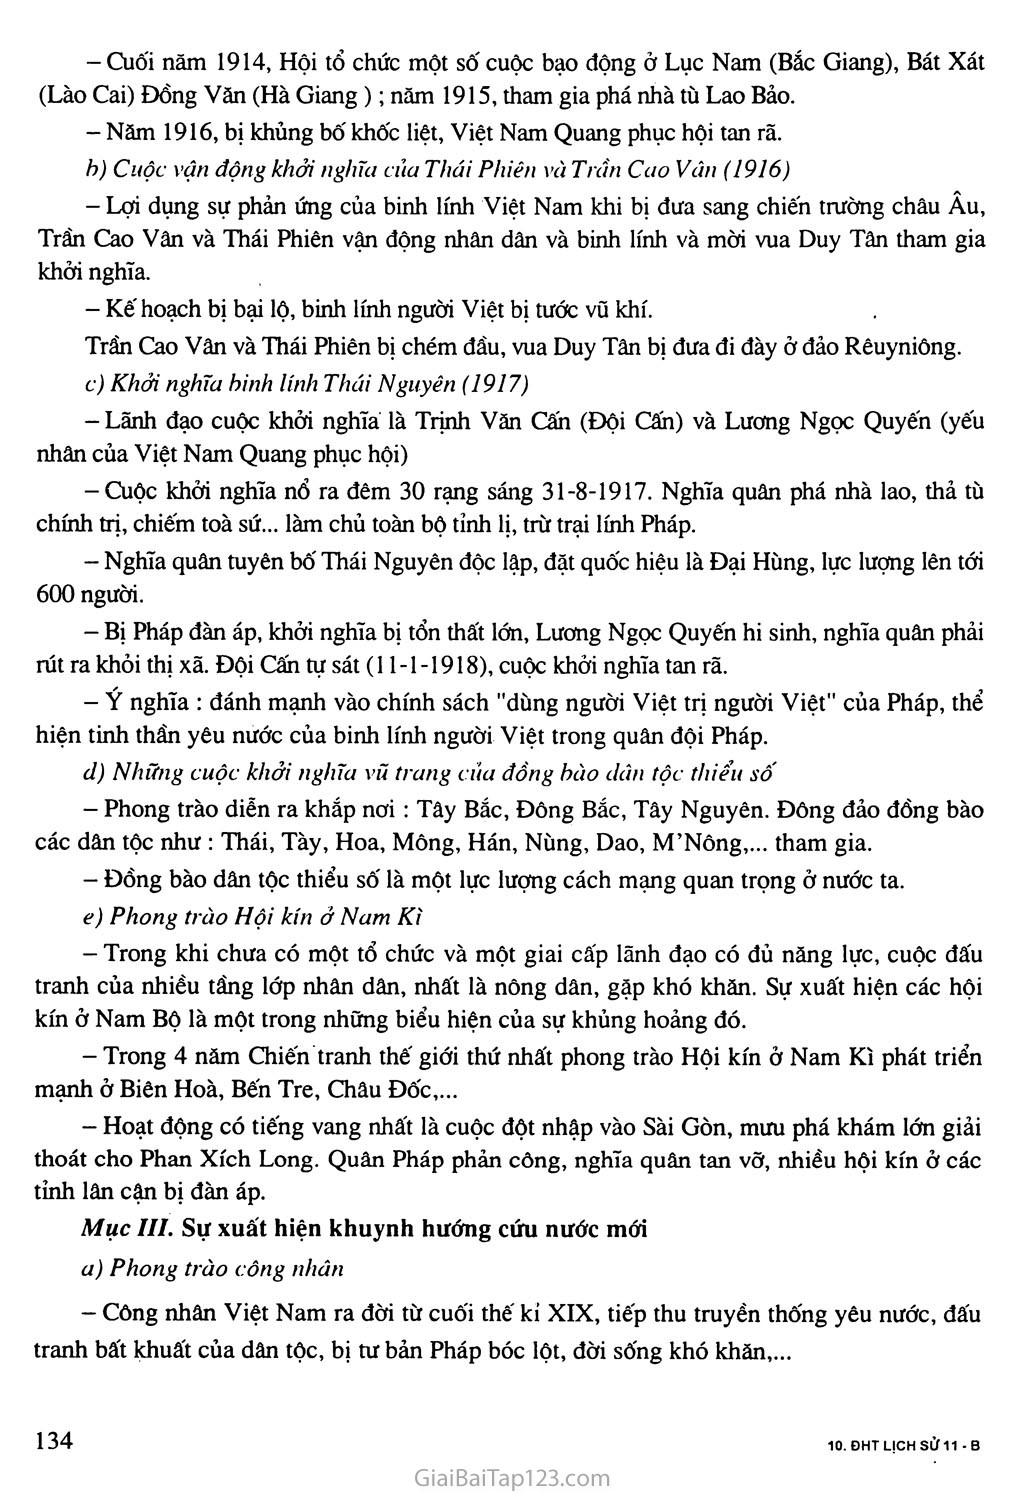 Bài 24: Việt Nam trong những năm chiến tranh thế giới thứ nhất (1914 - 1918) trang 2